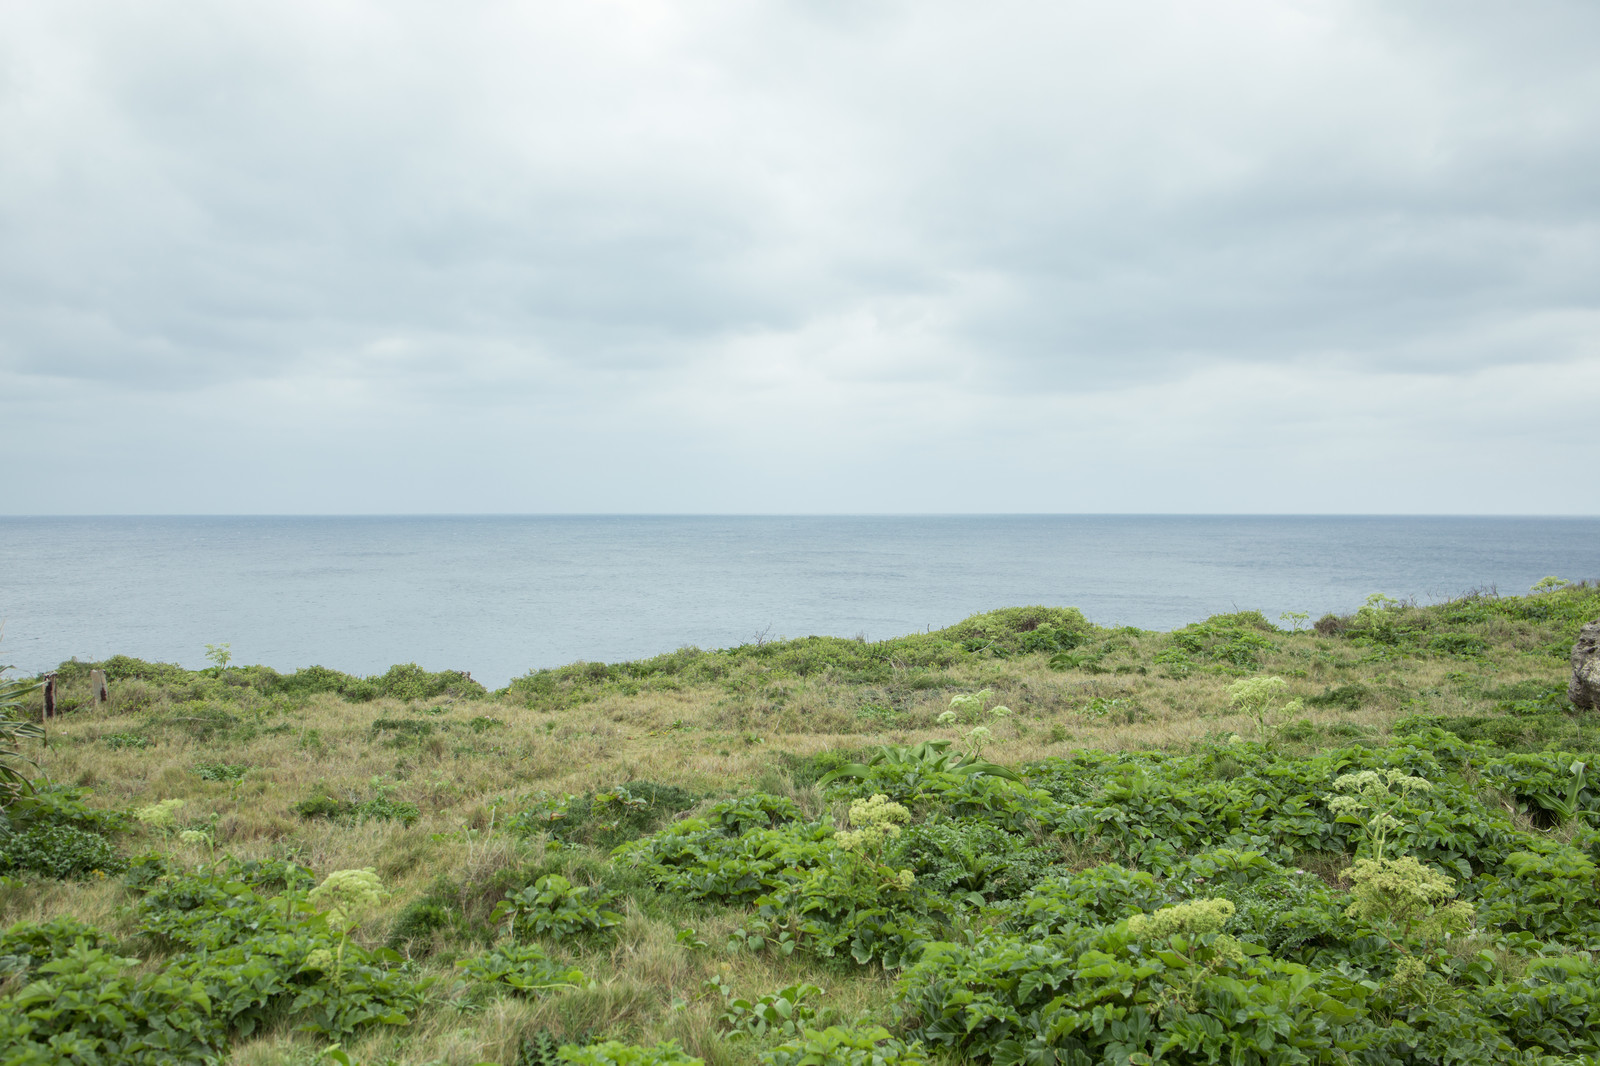 「曇り空、島と海 | 写真の無料素材・フリー素材 - ぱくたそ」の写真